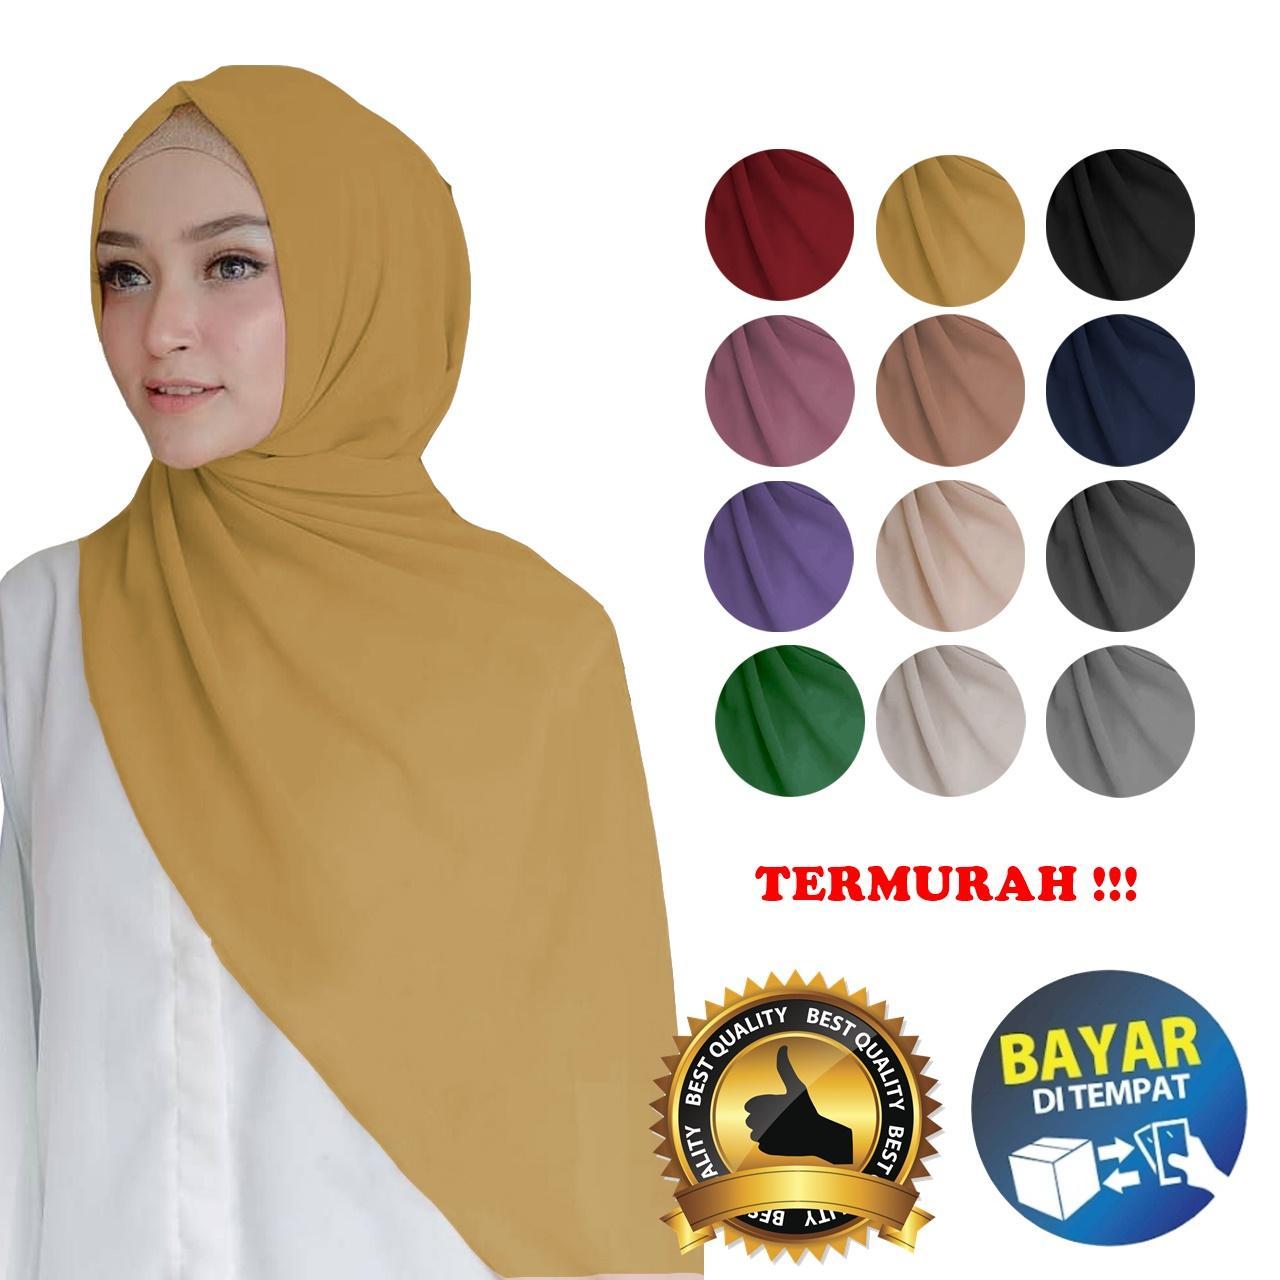 Hijab Kerudung Pashmina Tiara Diamond Italion  / Jilbab Pasmina Panjang/ HIJAB TERMURAH / Hijab Nissa Sabyan Hijab Masa kini/ Terlaris & Termurah